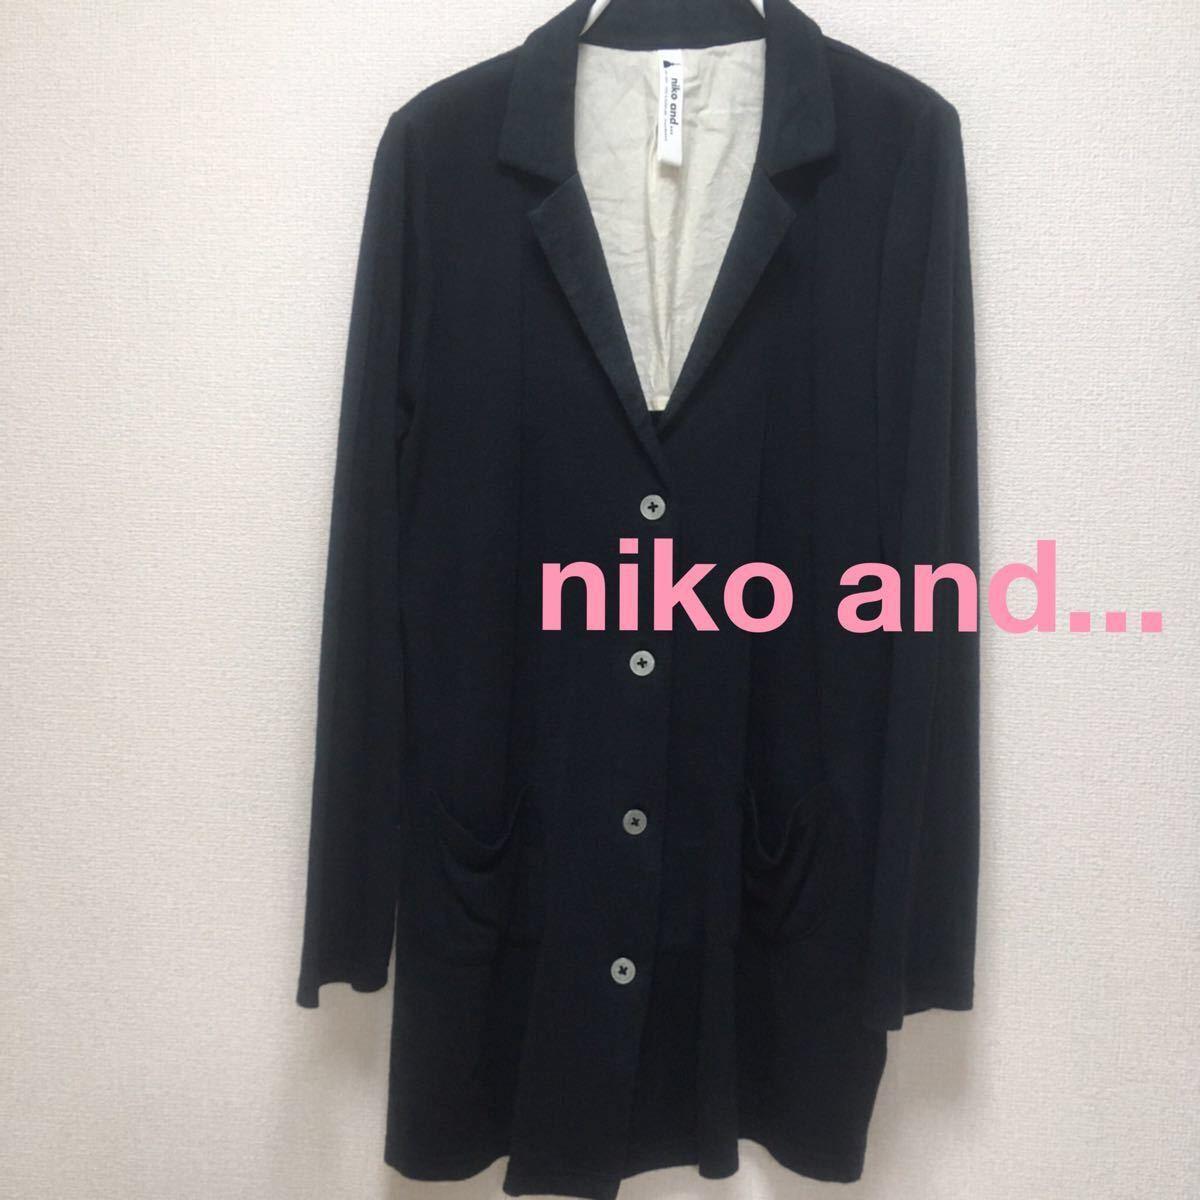 ニコアンド niko and... コーディガン ジャケット風カーディガン ニットチェスターコート 黒色 ブラック